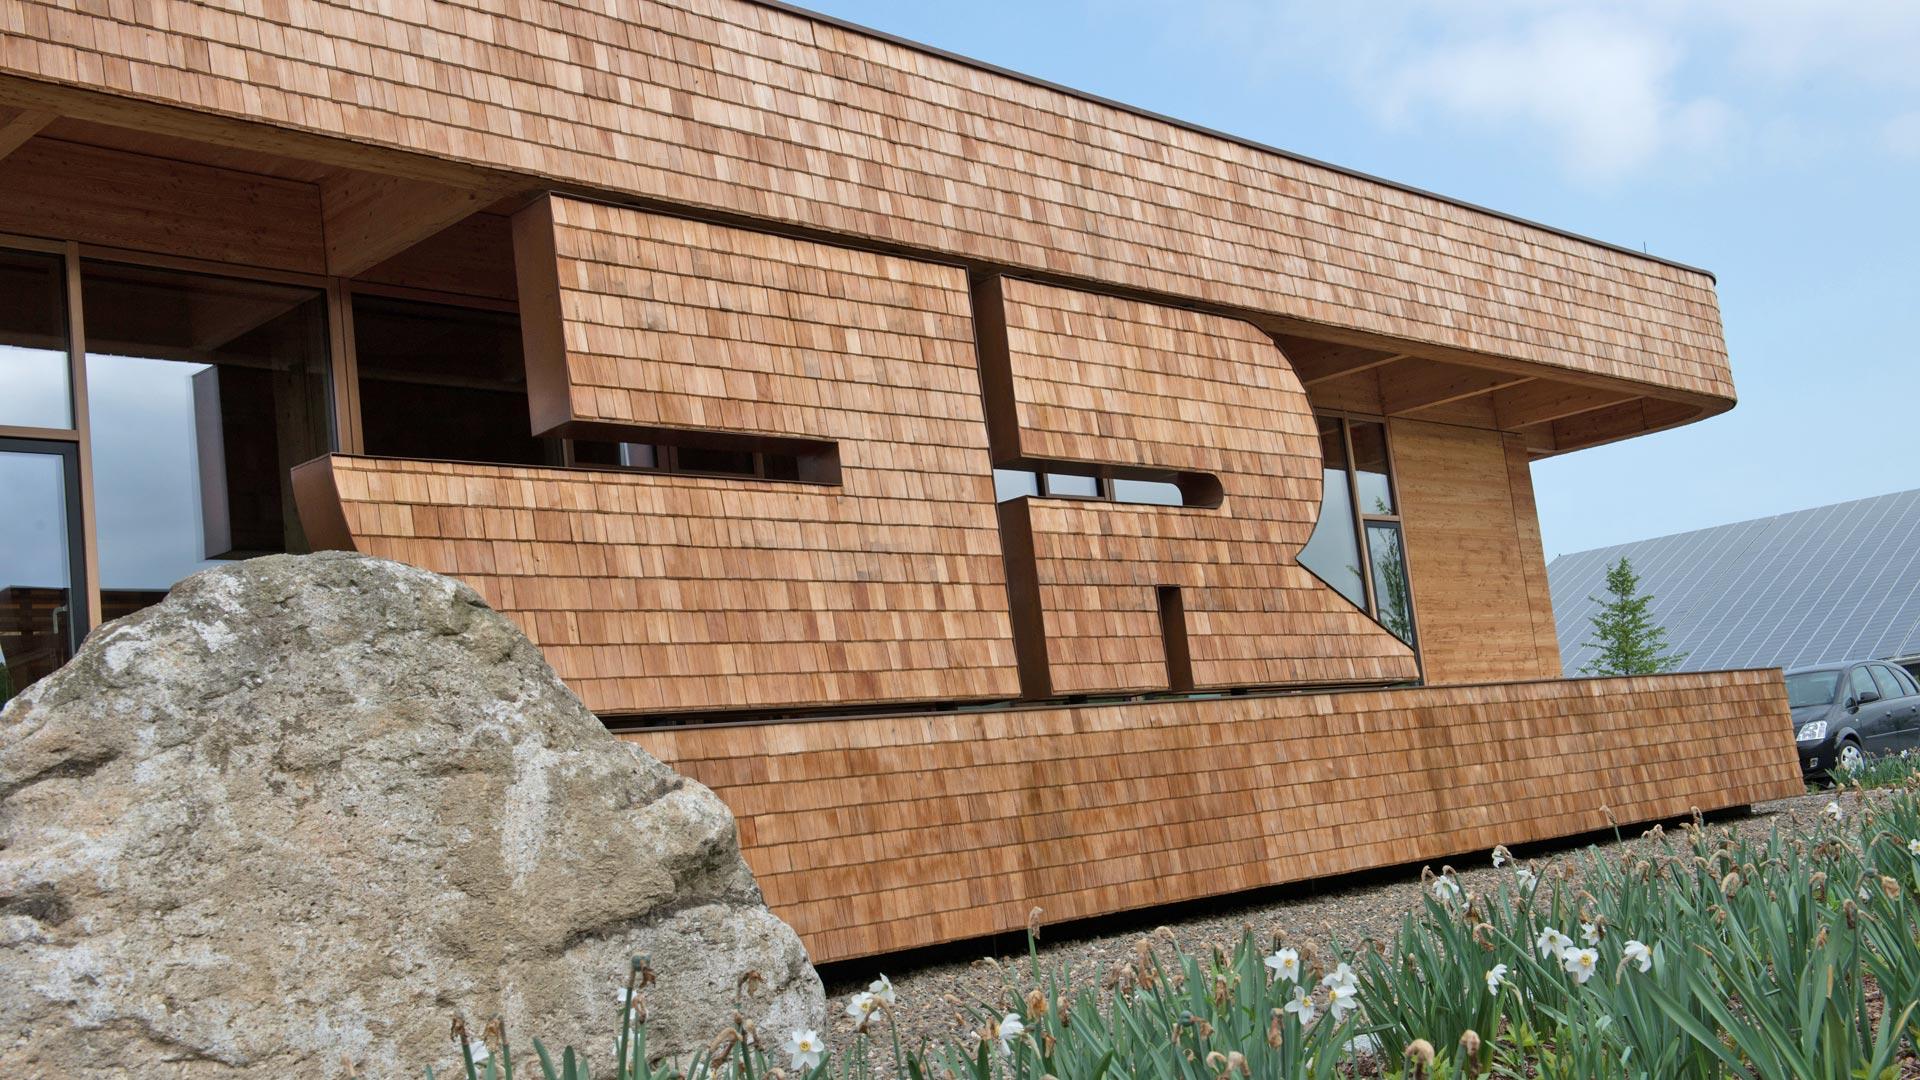 aus Holz gefertigtes Firmenlogo integriert in der Fassade des Firmengebäudes der Josef Rädlinger GmbH